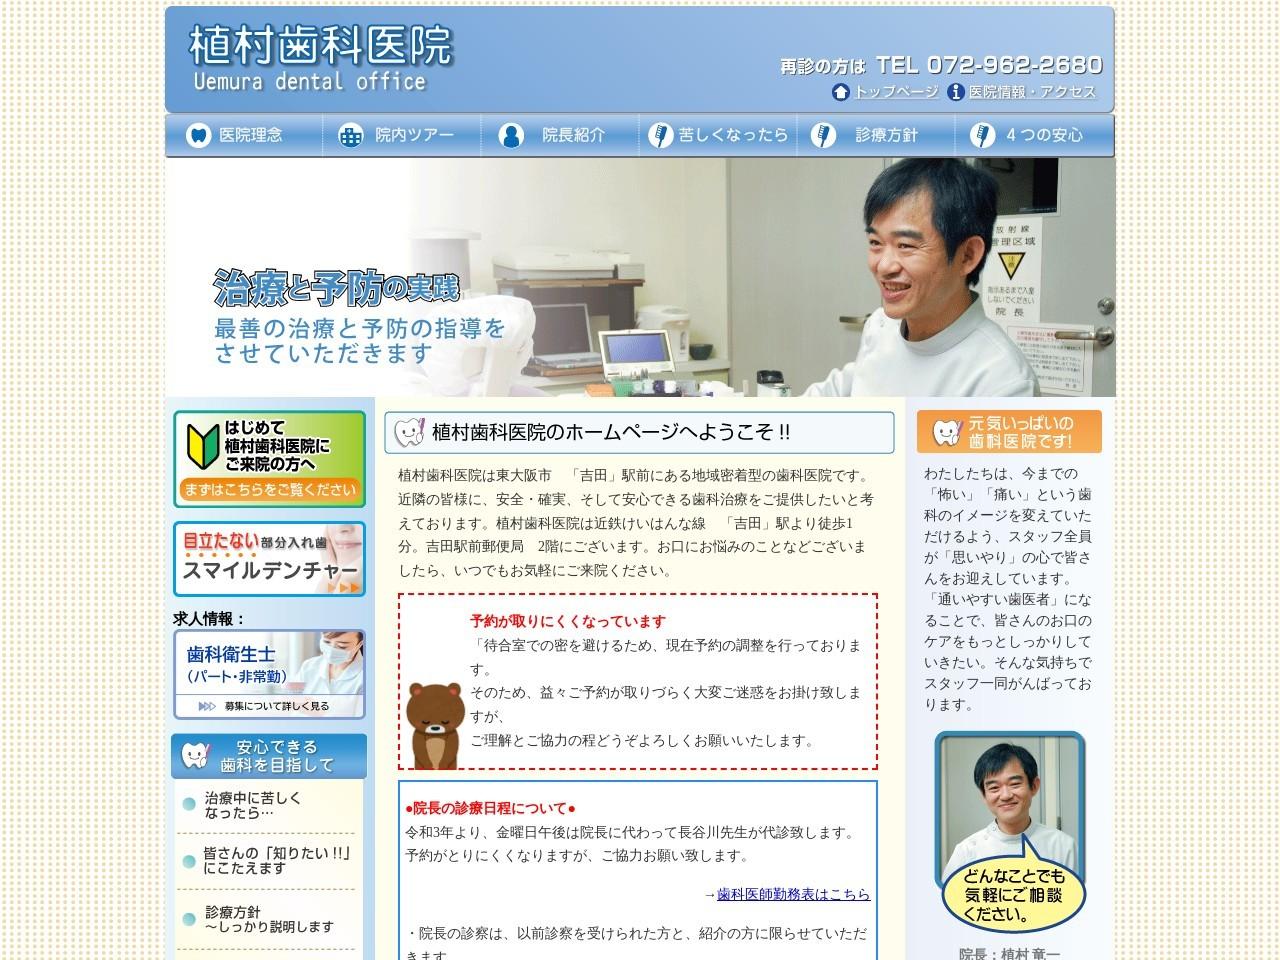 植村歯科医院 (大阪府東大阪市)